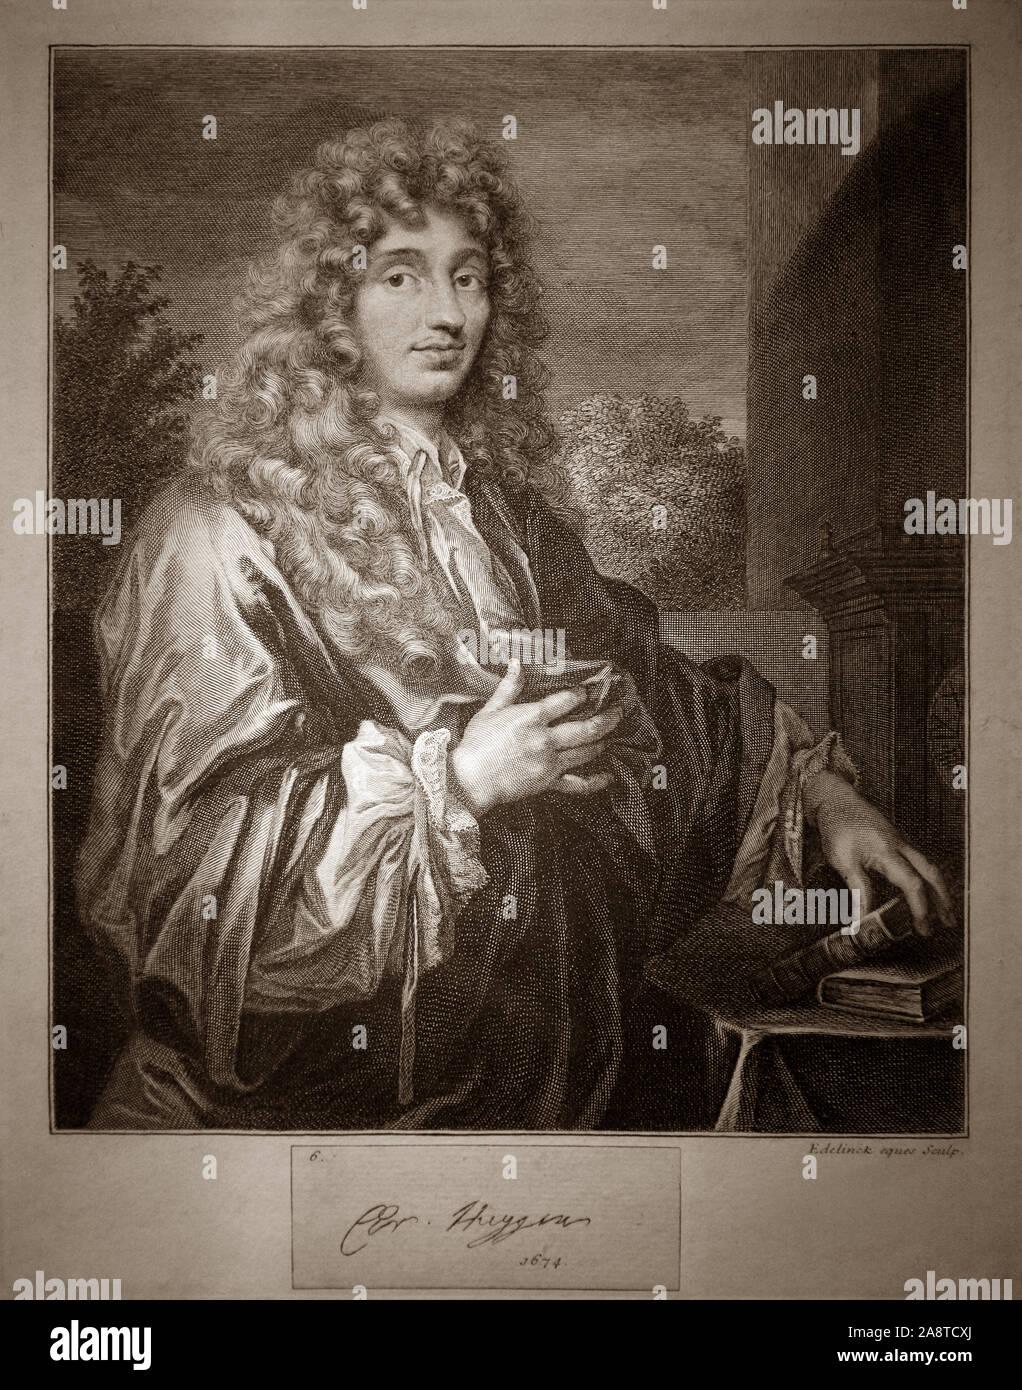 Christiaan Huygens (1629-1695) der niederländische Mathematiker, Astronom Physiker. Zeichnung von Caspar Netscher (1639 - 1684) Ein niederländischer Maler Portrait und Genre. Stockfoto